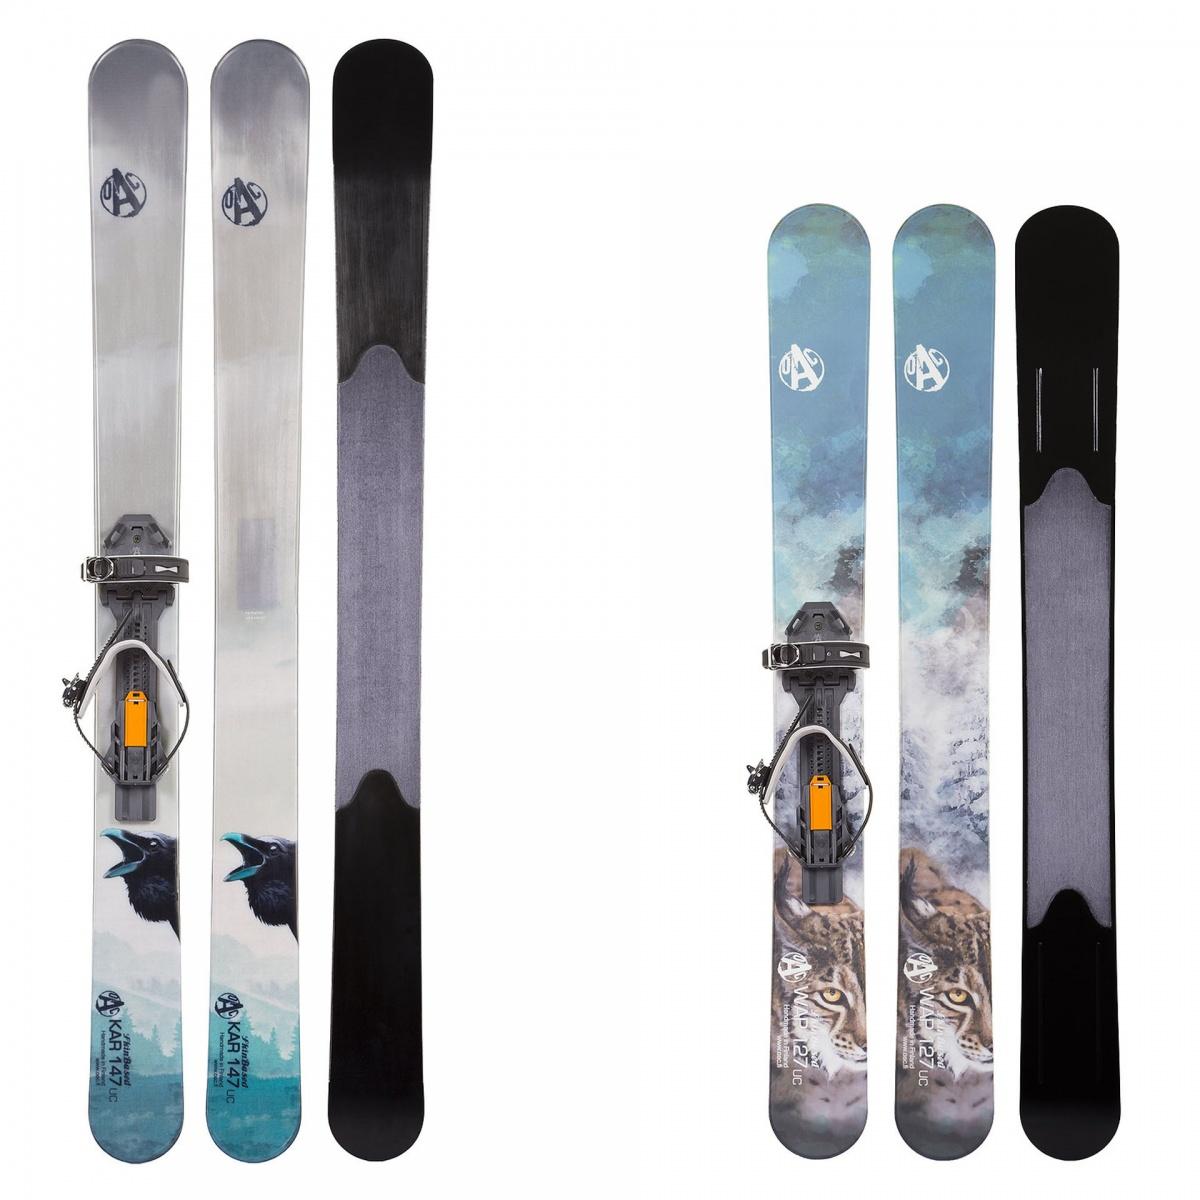 Narty trekkingowe OAC Skinbased dostępne są wróżnych długościach, kolorach iwzorach